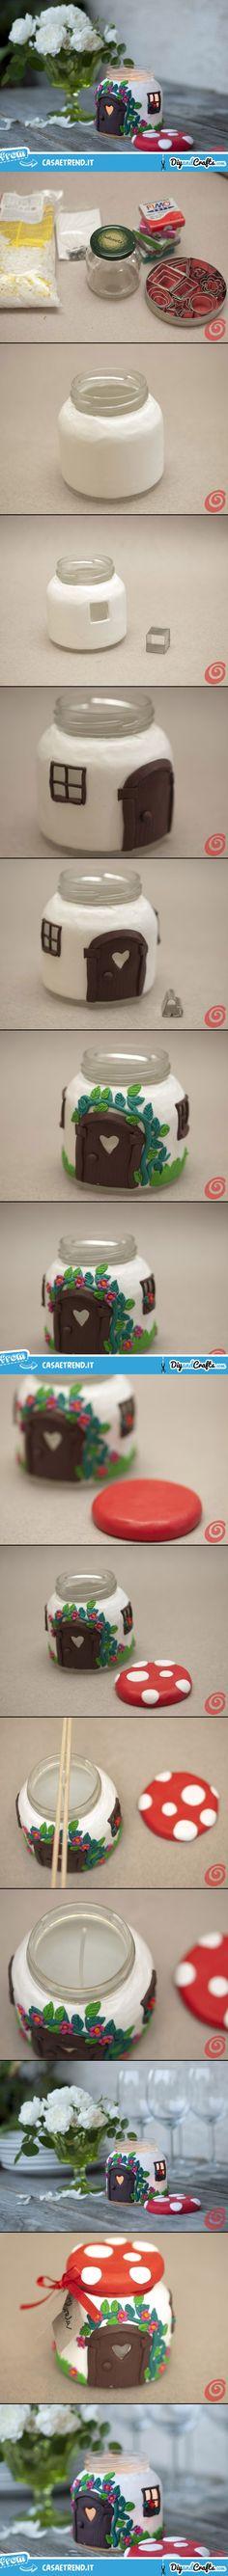 Glass Jar Mushroom – candle House | DIY | DIY Crafts Club